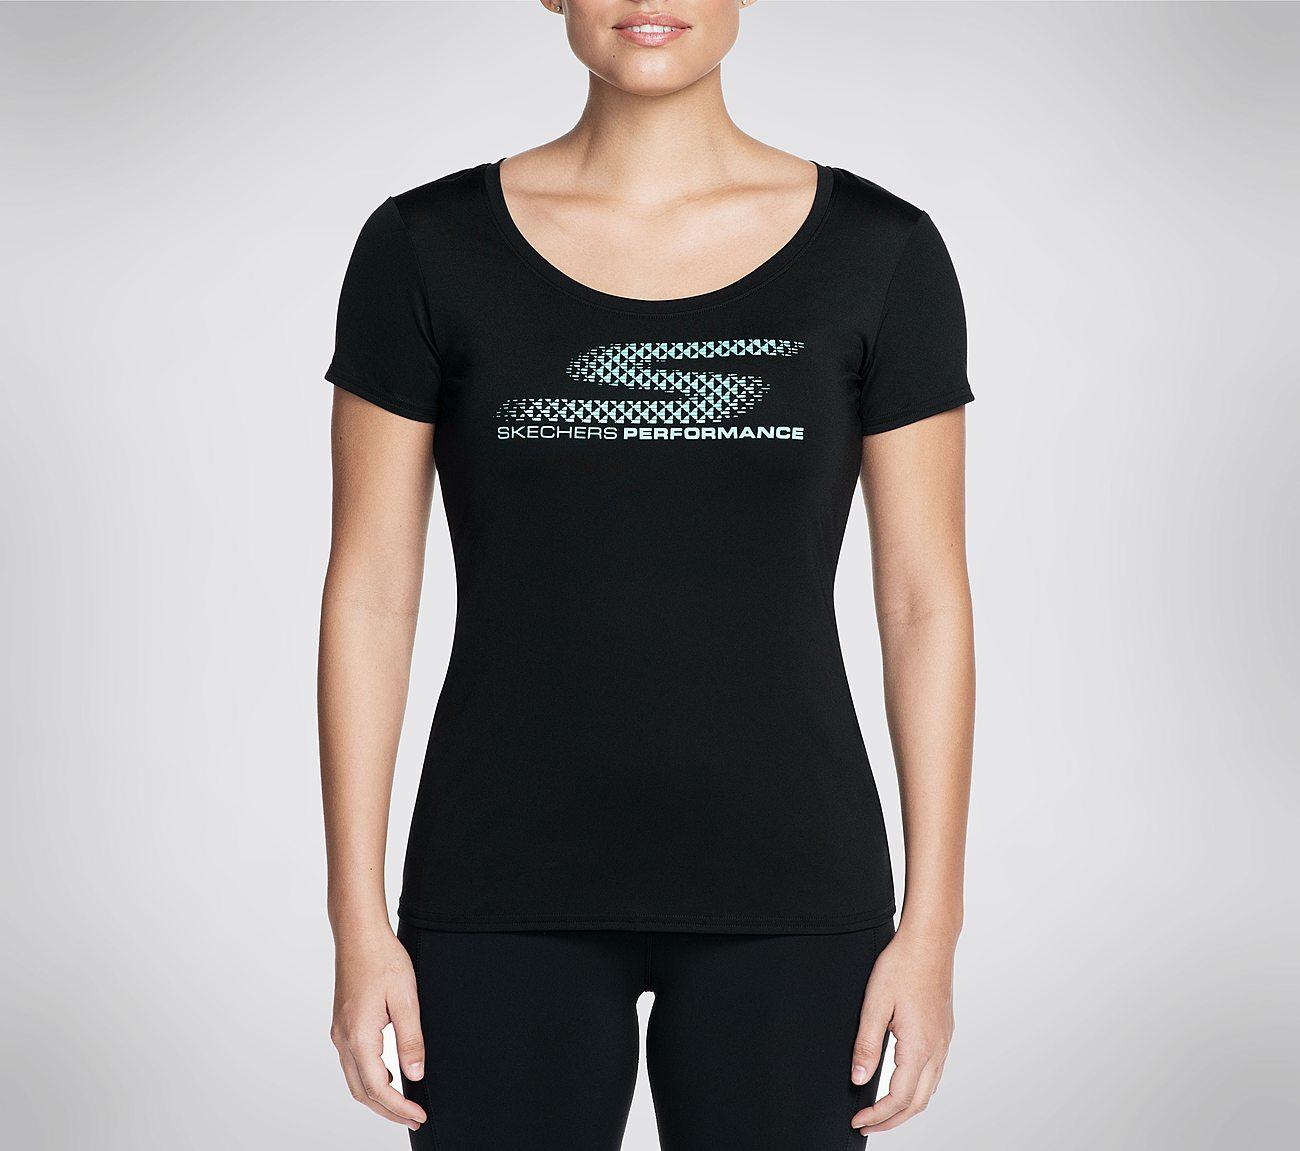 Skechers Wave S Tee Shirt